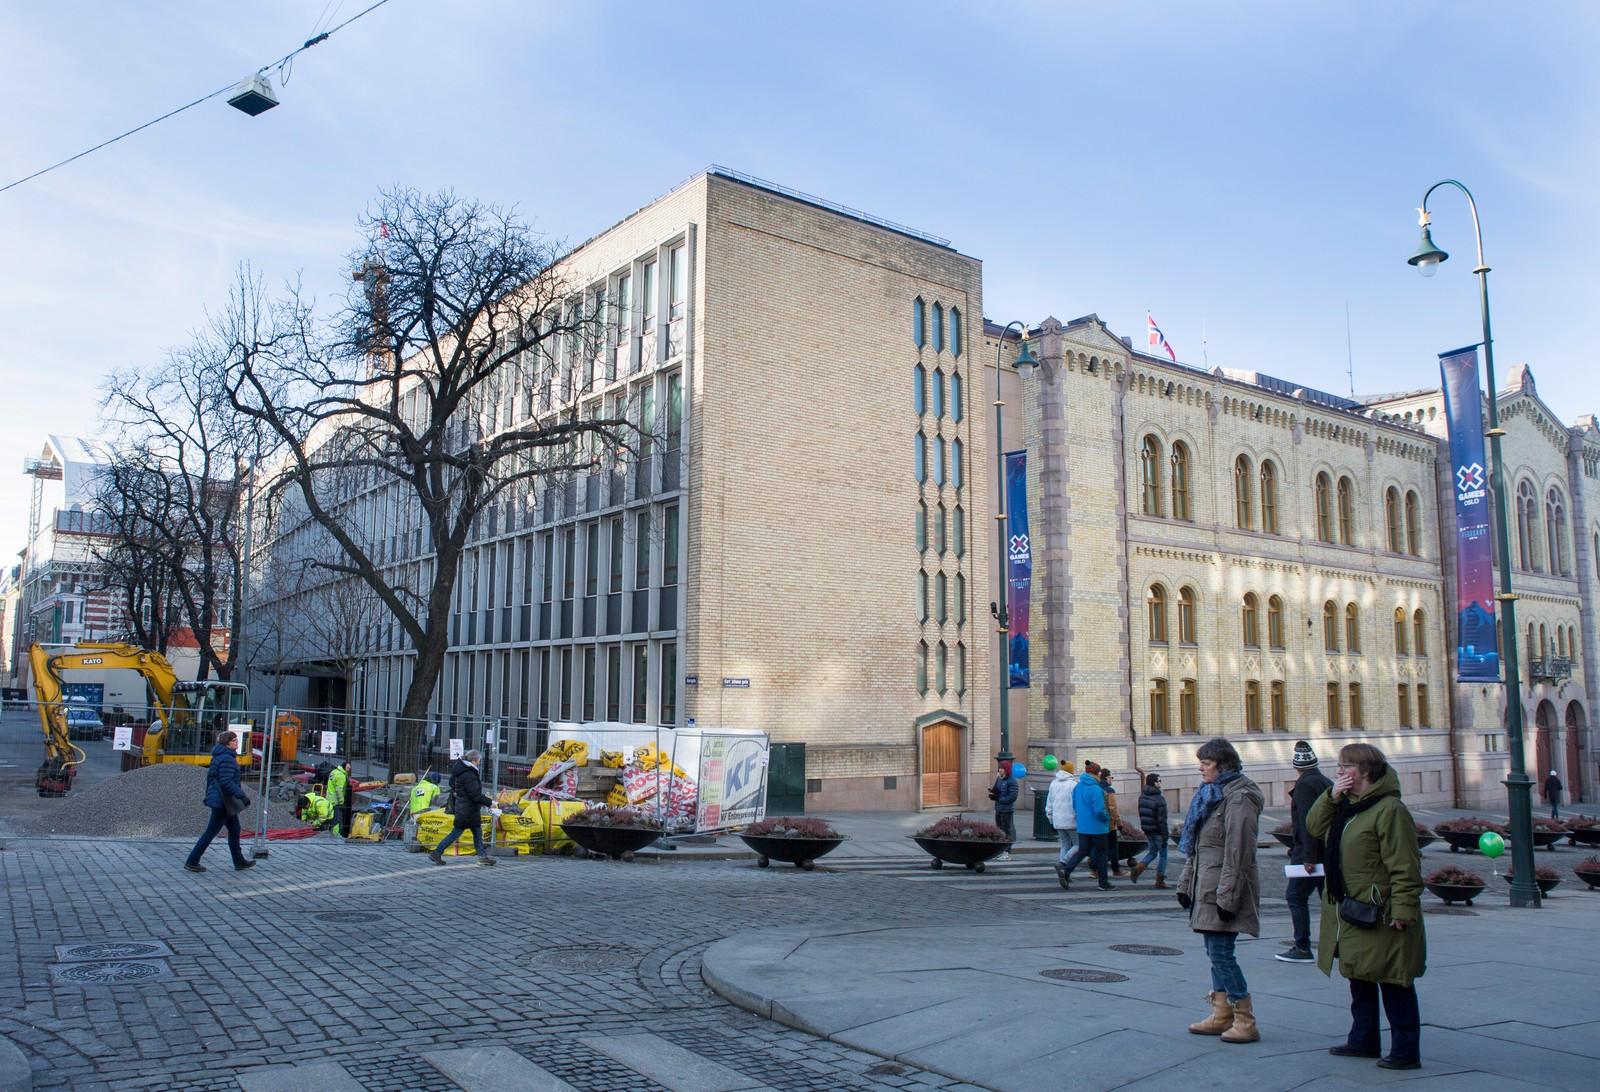 Stortinget sett fra Akersgata/Egertorget i dag. Det var arkitekt Nils Holter som fikk ansvaret for ombyggingen på 1950-tallet. Det nye kontorbygget ble opprinnelig tegnet en etasje høyere. Den funksjonalistiske arkitekturen skulle stå i kontrast til Langlets bygg. Foto: Torstein Bøe / NTB scanpix